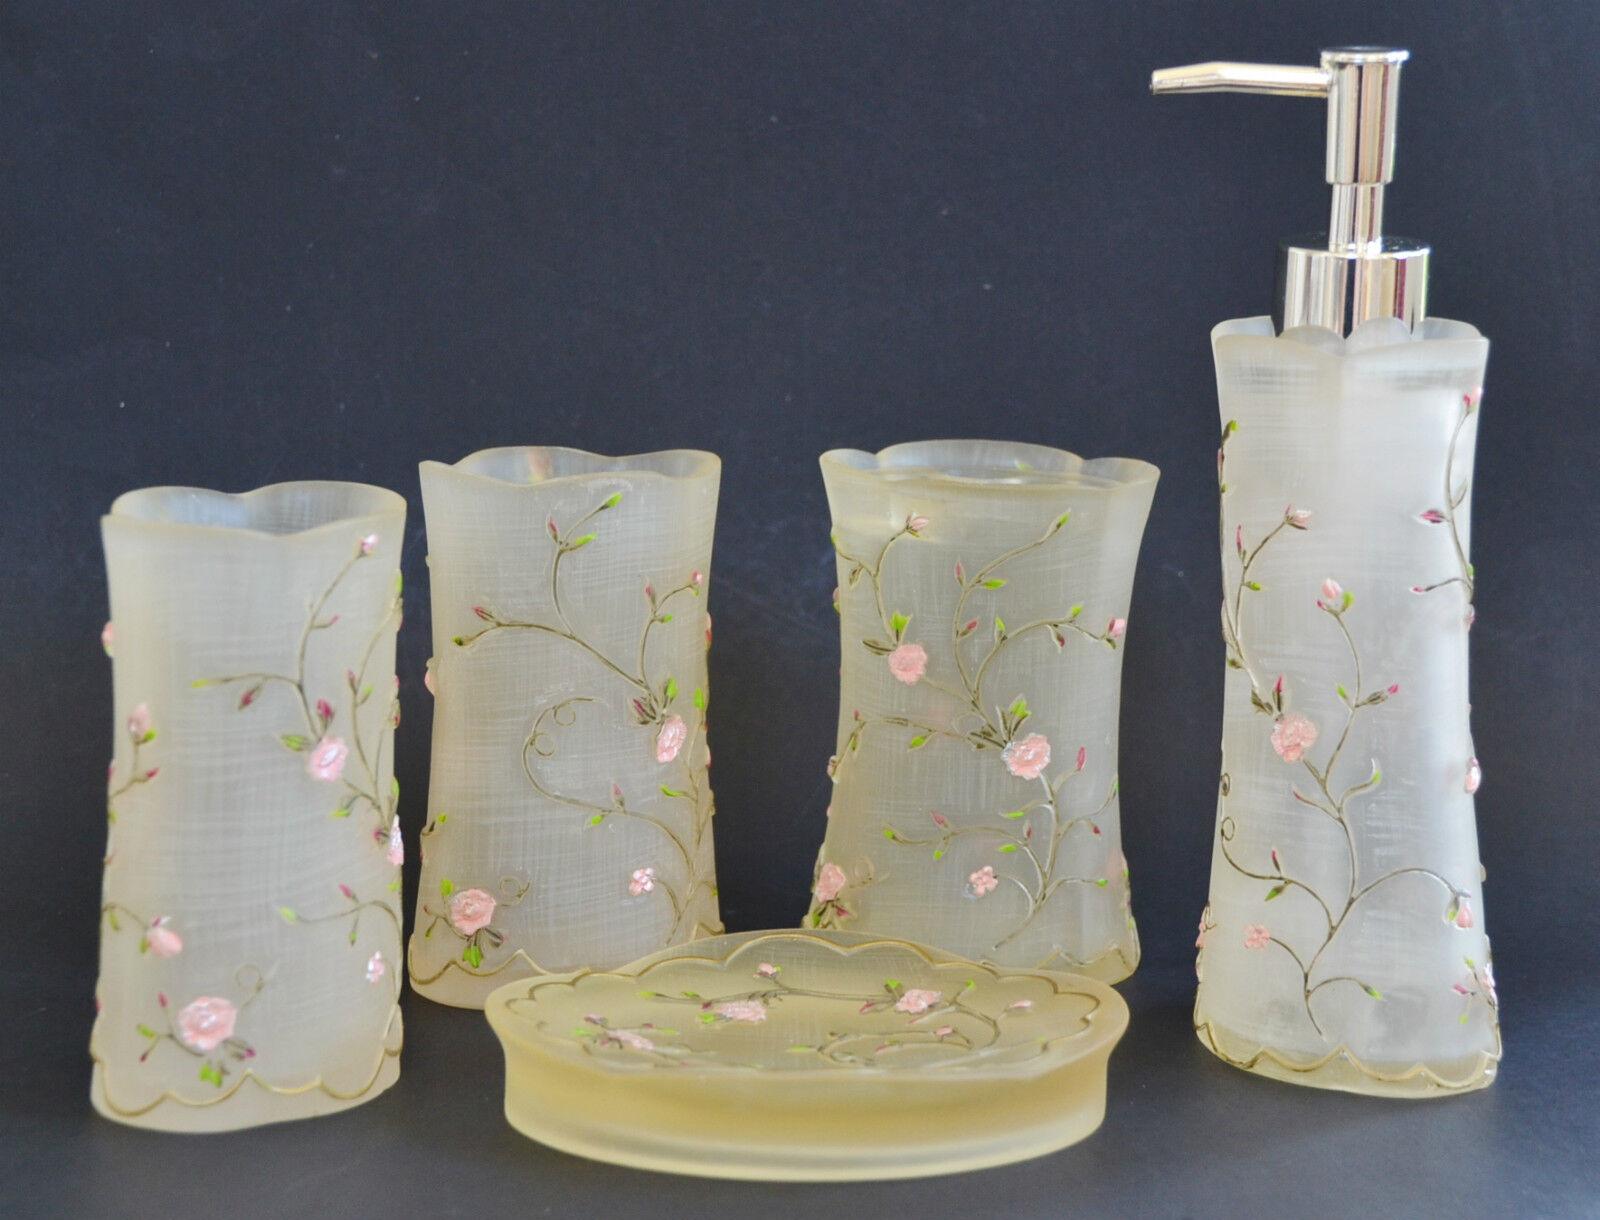 Neuf 5 Pièces Set Blanc + Rose Fleur Résine Distributeur de Savon + Plat + 2